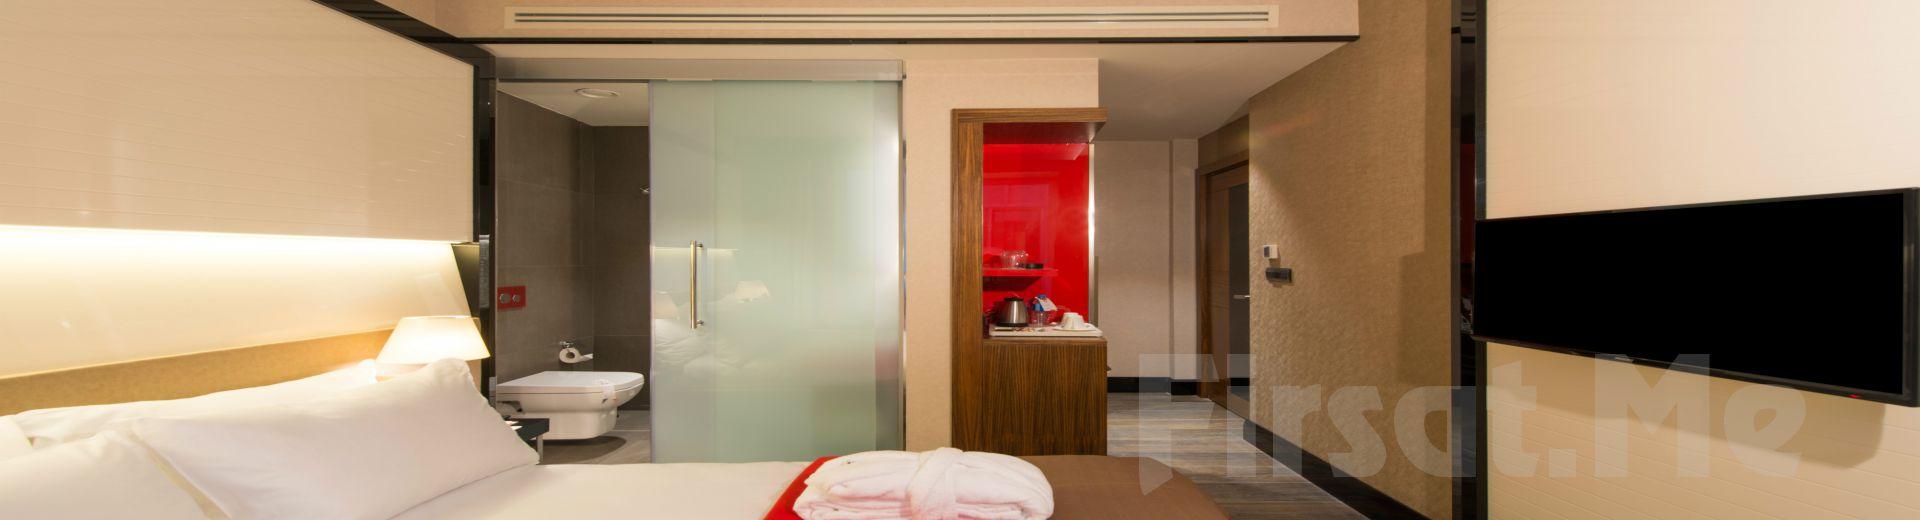 Hotel Favori Nişantaşı'nda 2 Kişi 1 Gece Konaklama, Kahvaltı ve Spa Keyfi!